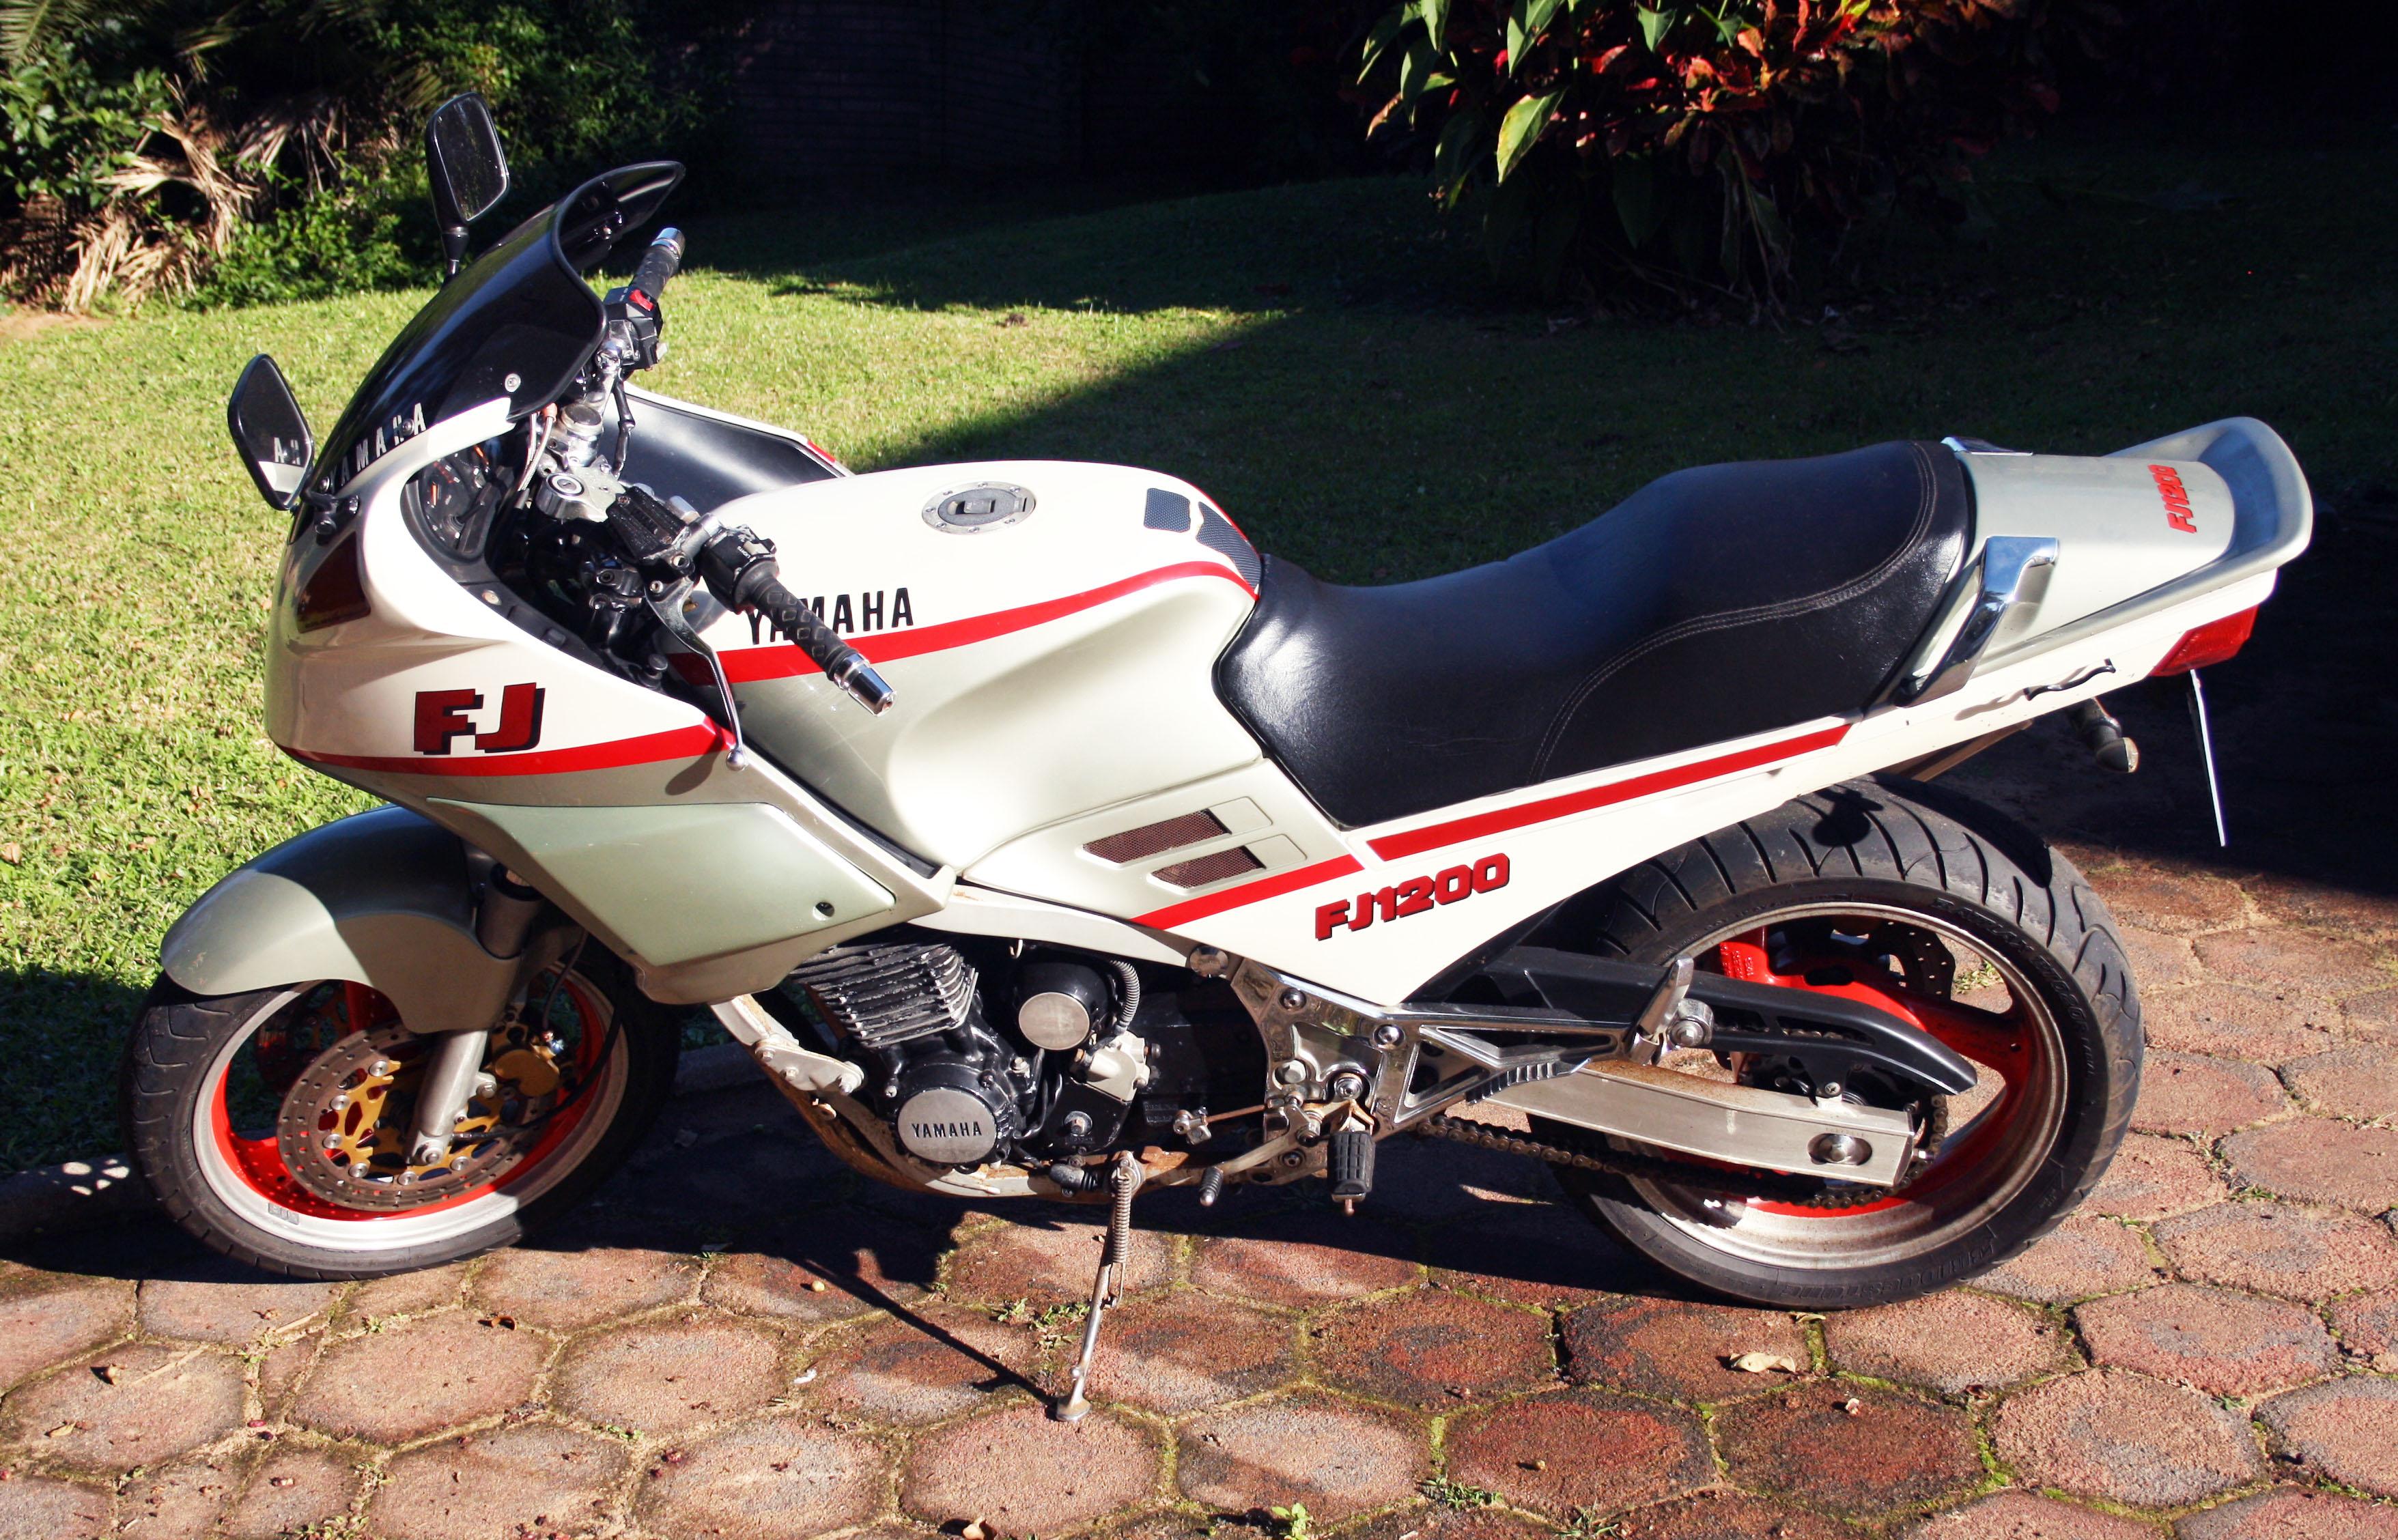 File:Yamaha FJ1200 (34700893972).jpg